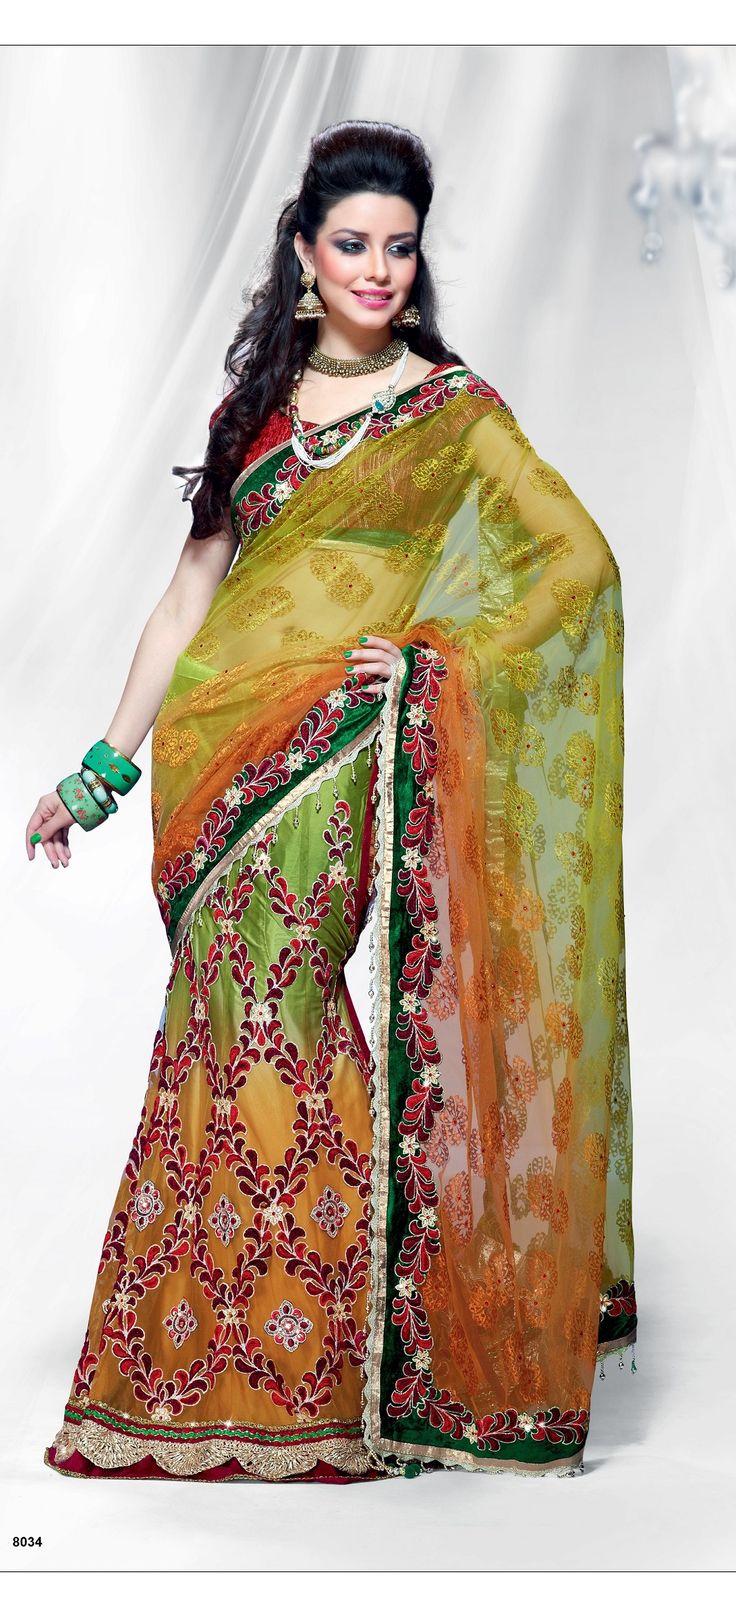 Khazanakart Heavy Embroidery Net Saree in Light Orange, Perrot Green and Mahendi Color